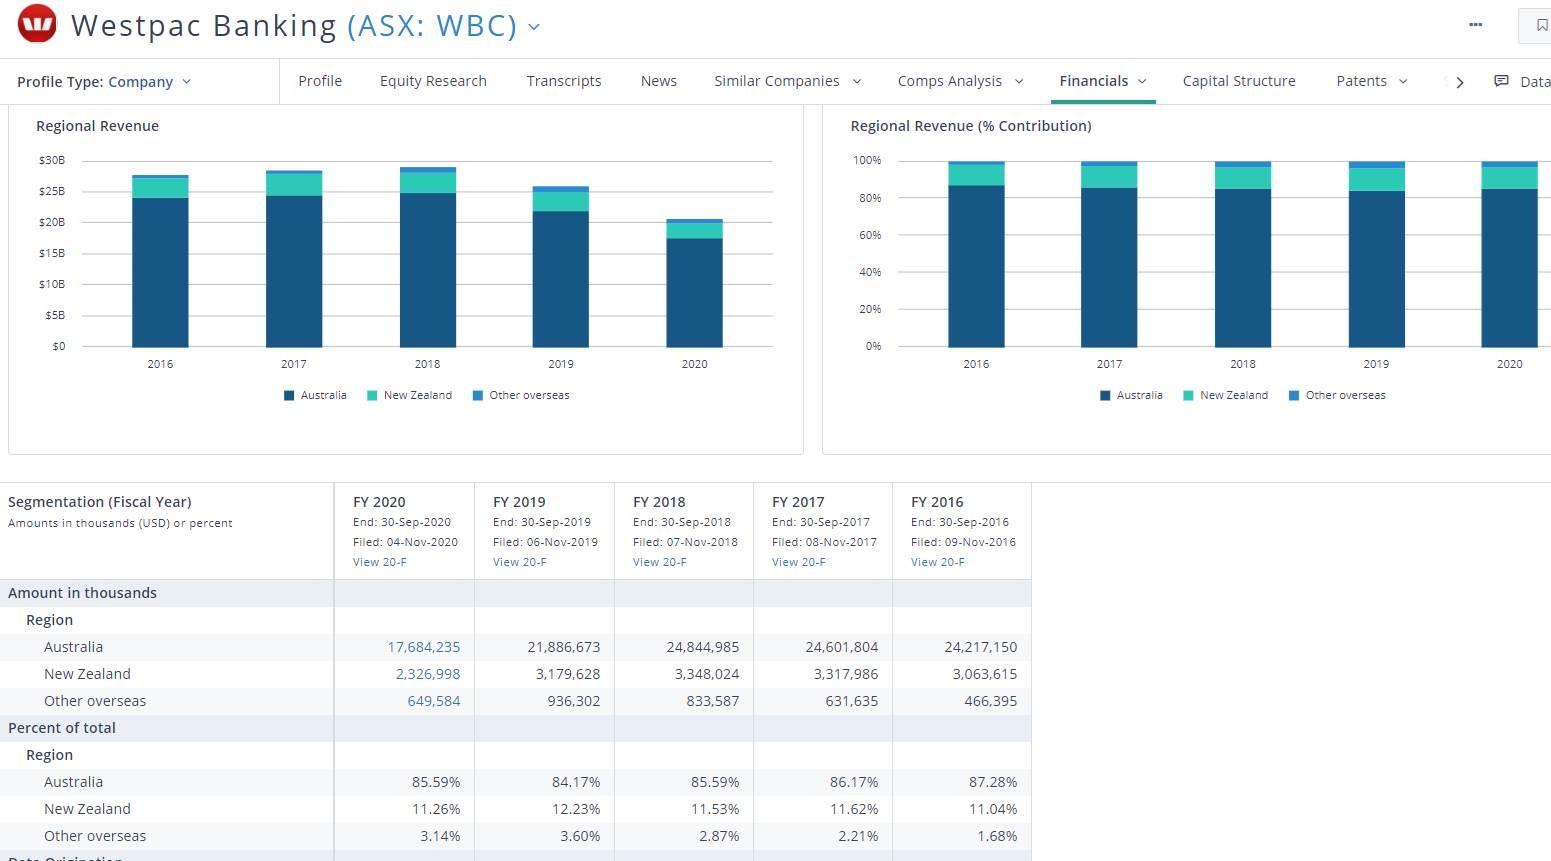 Westpac Banking